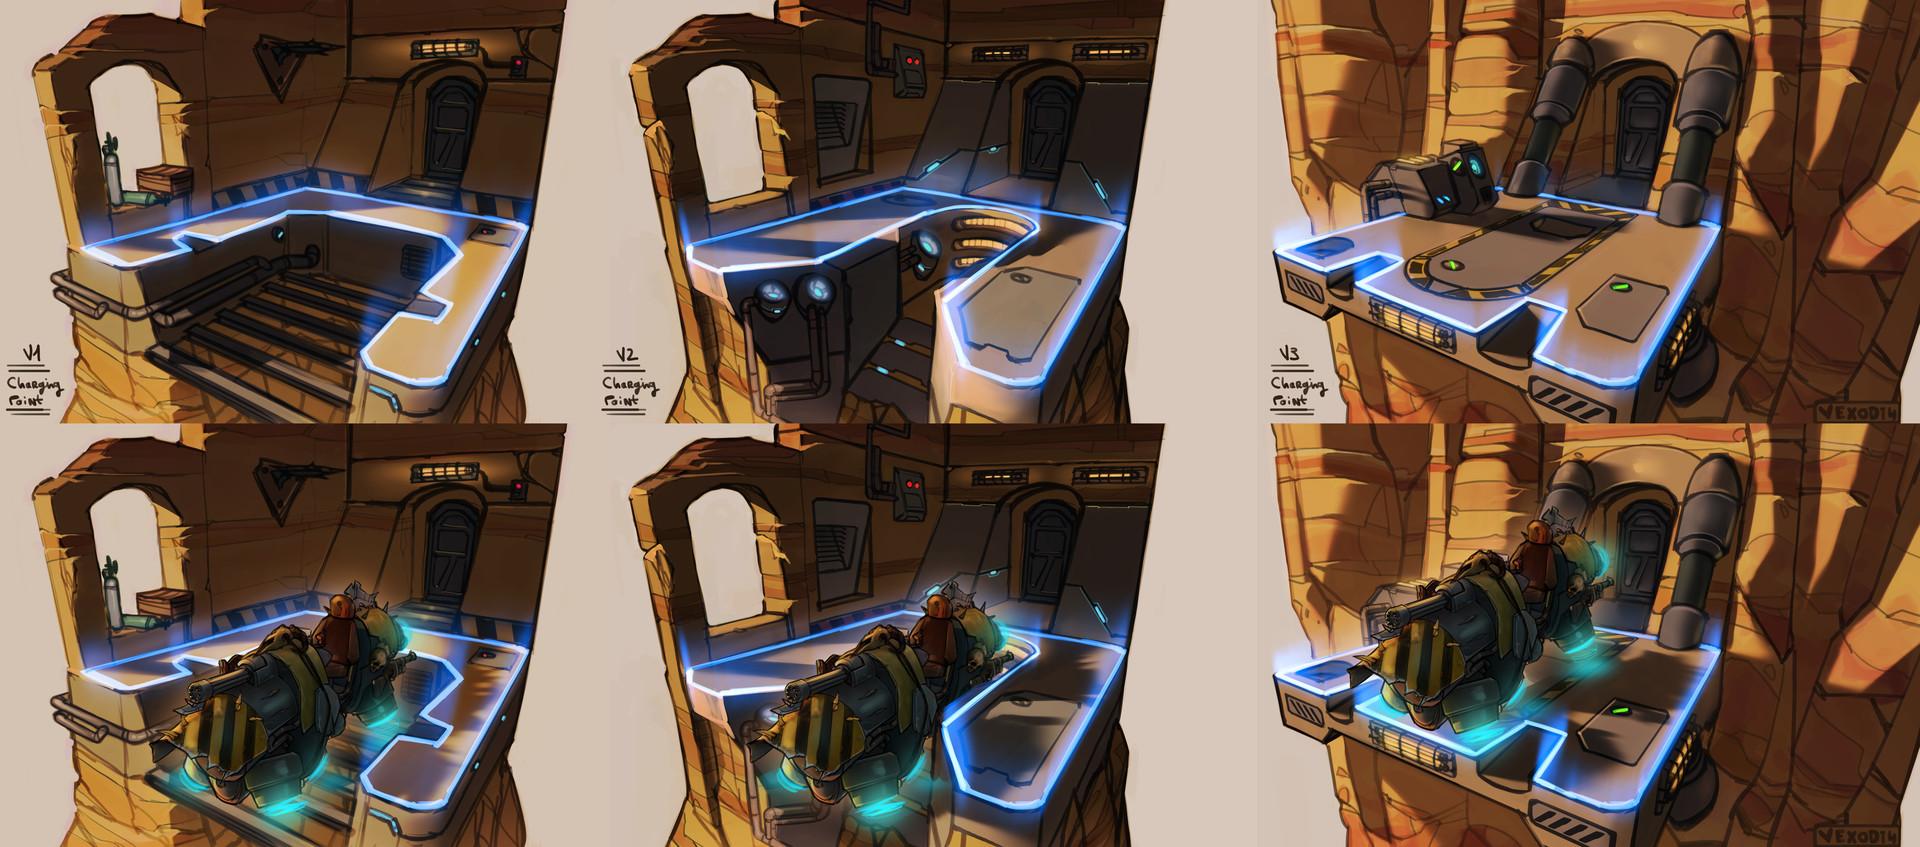 Etienne beschet conceptart flyingvehiclestation v123 chargingpoint